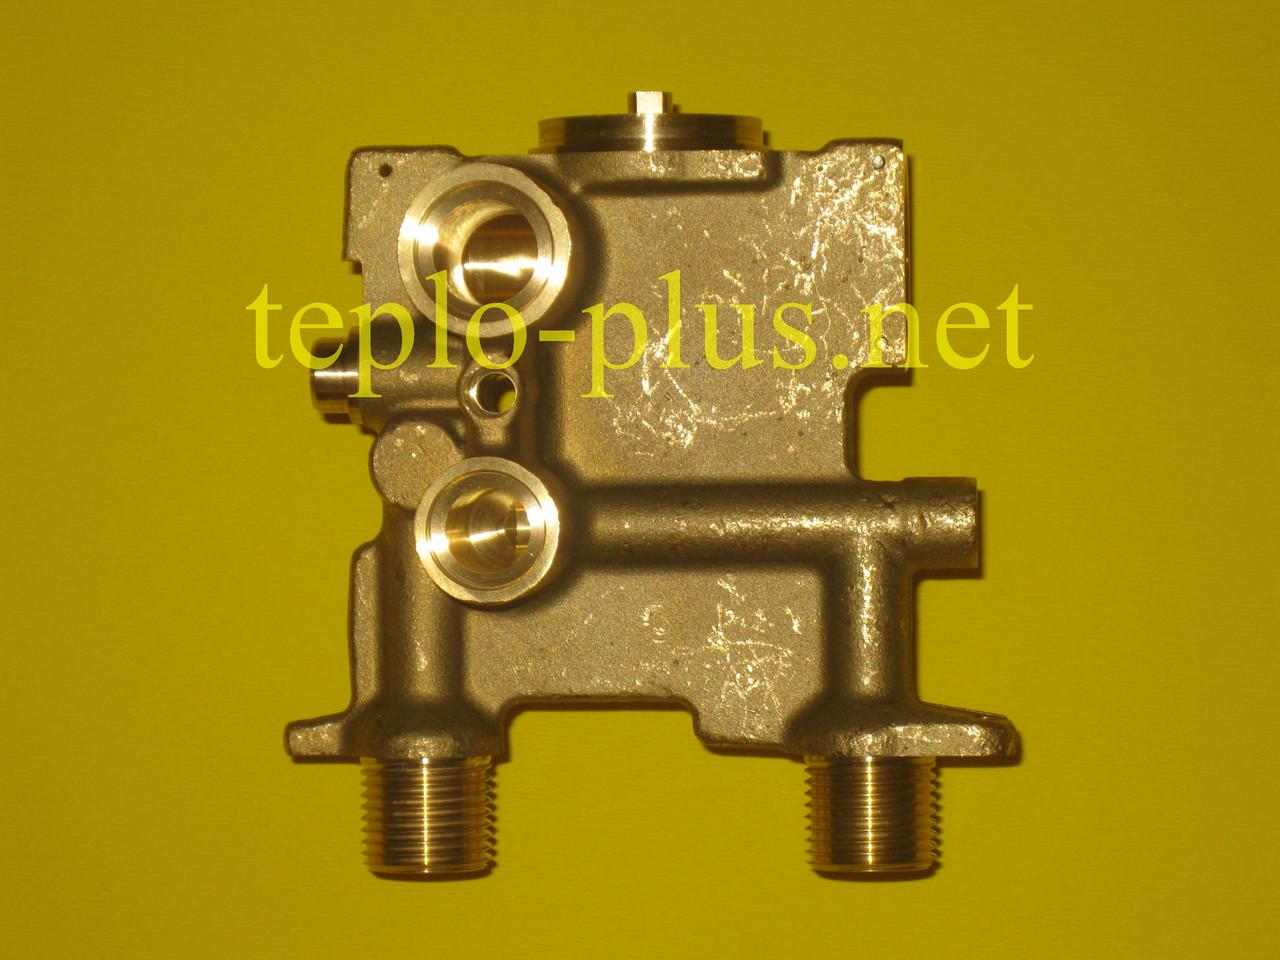 ÐоÑÐ¿ÑÑ (лаÑÑннÑй) клапана ÑÑеÑÑодового Sime Format.Zip BF TS, Format.Zip 5 25 BF TS, ÑоÑо 2